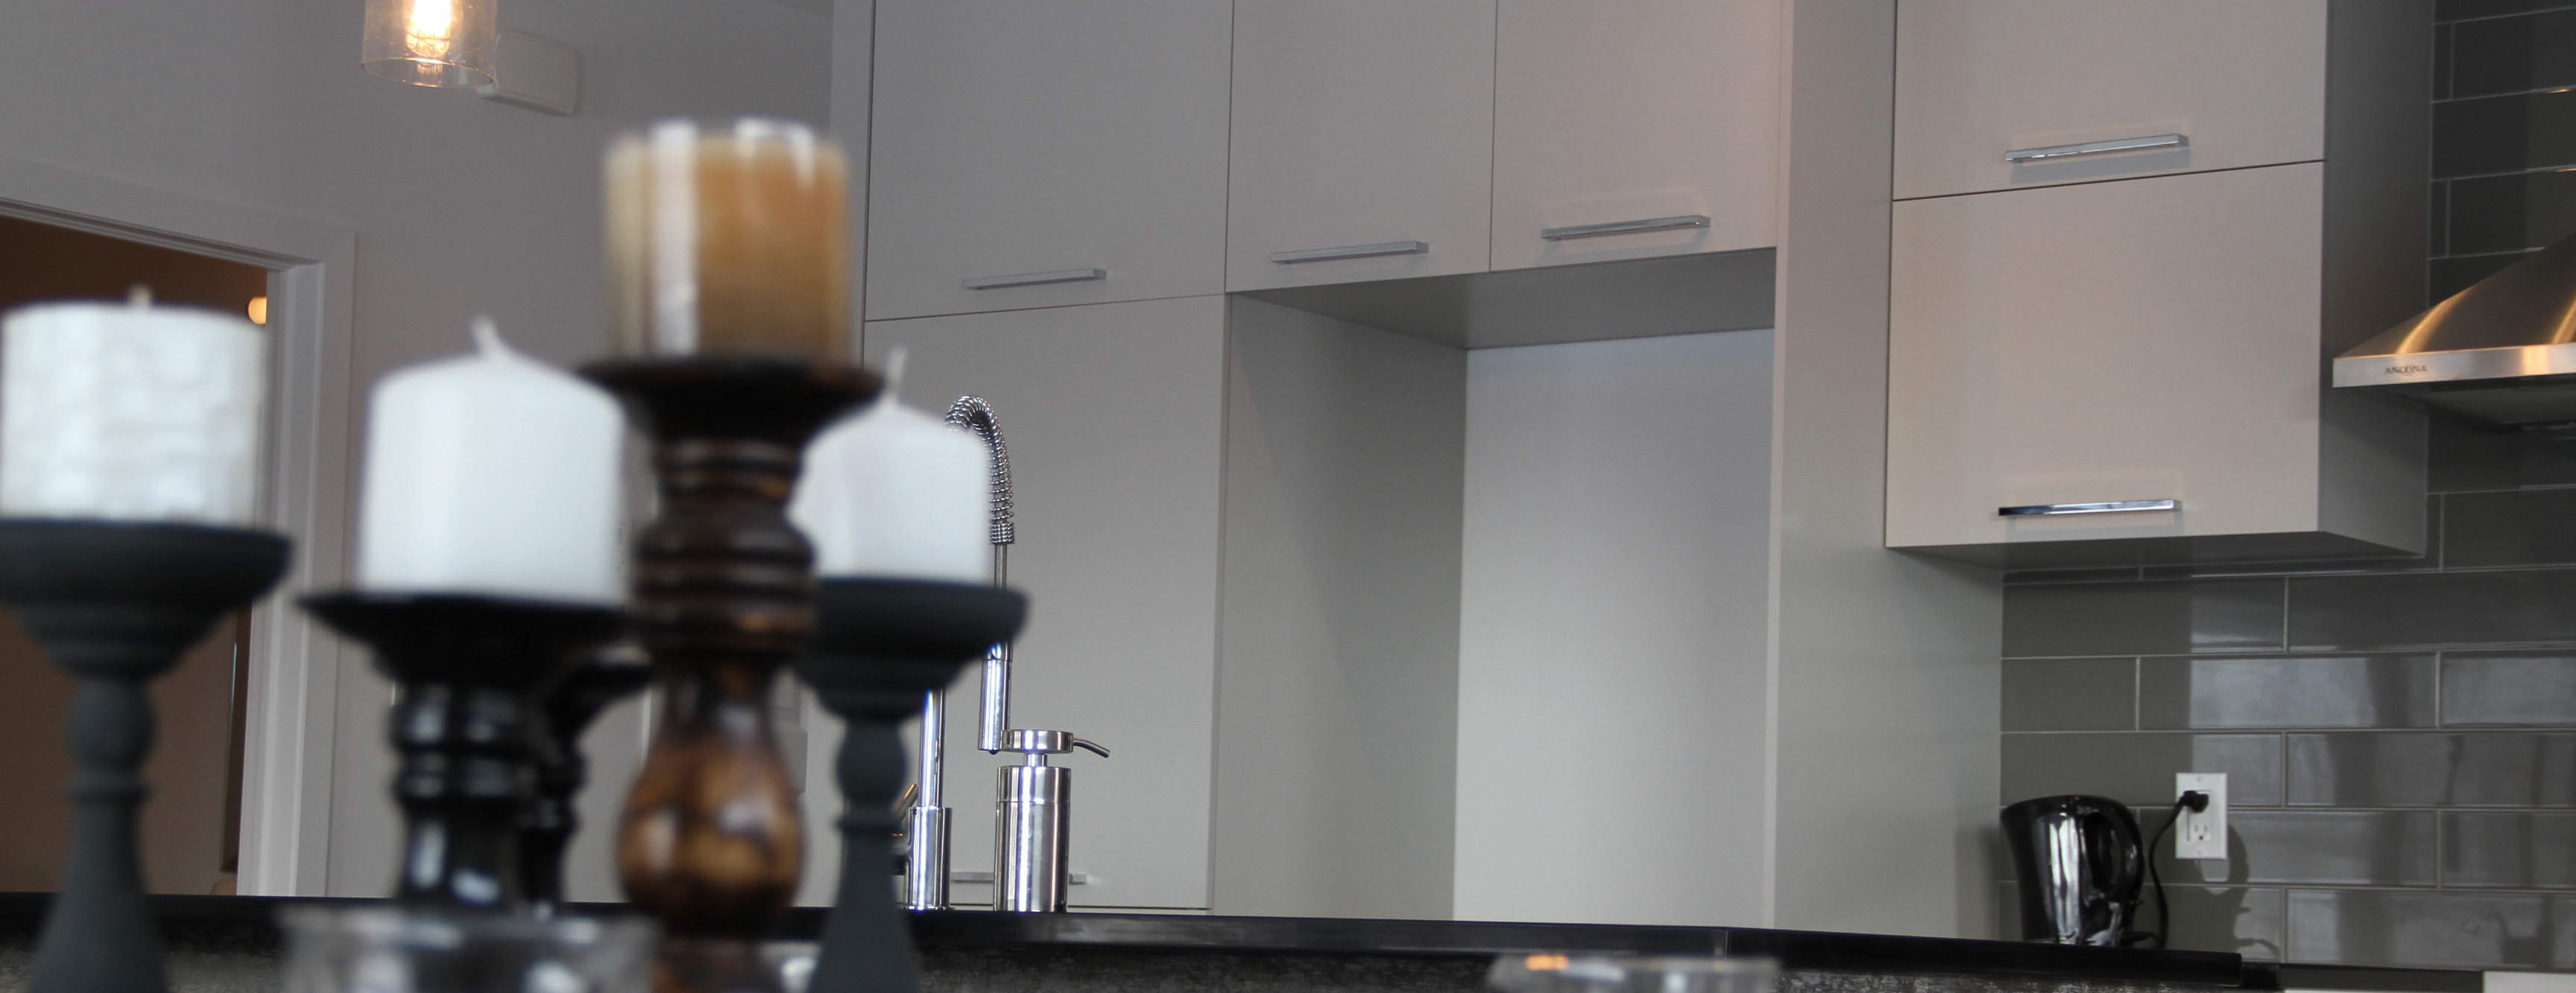 Armoire de cuisine st-jerome